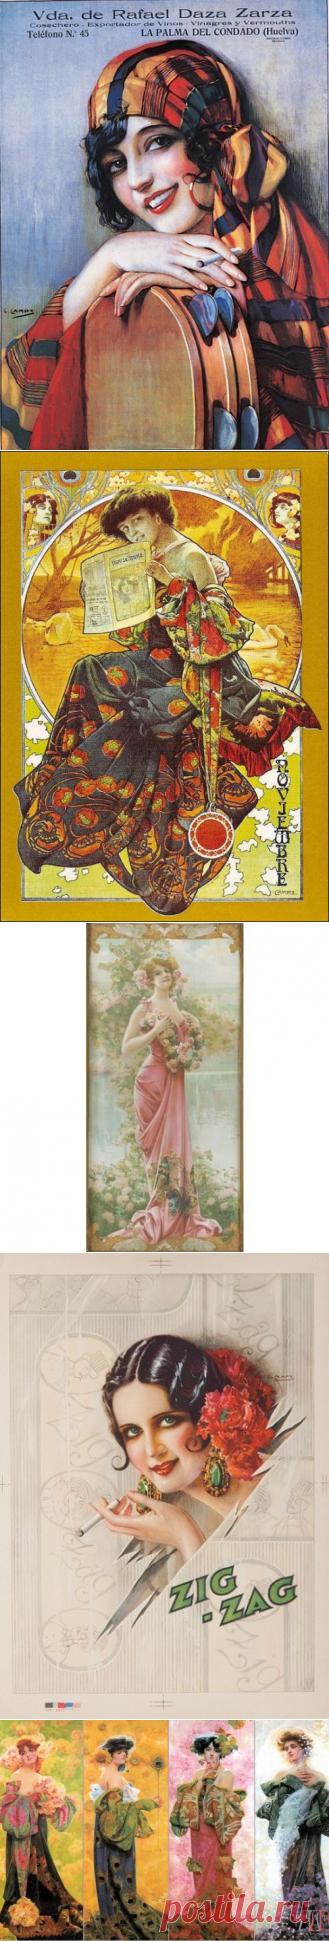 Художник - иллюстратор Gaspar Camps (1874-1931) (41 работ) » Картины, художники, фотографы на Nevsepic